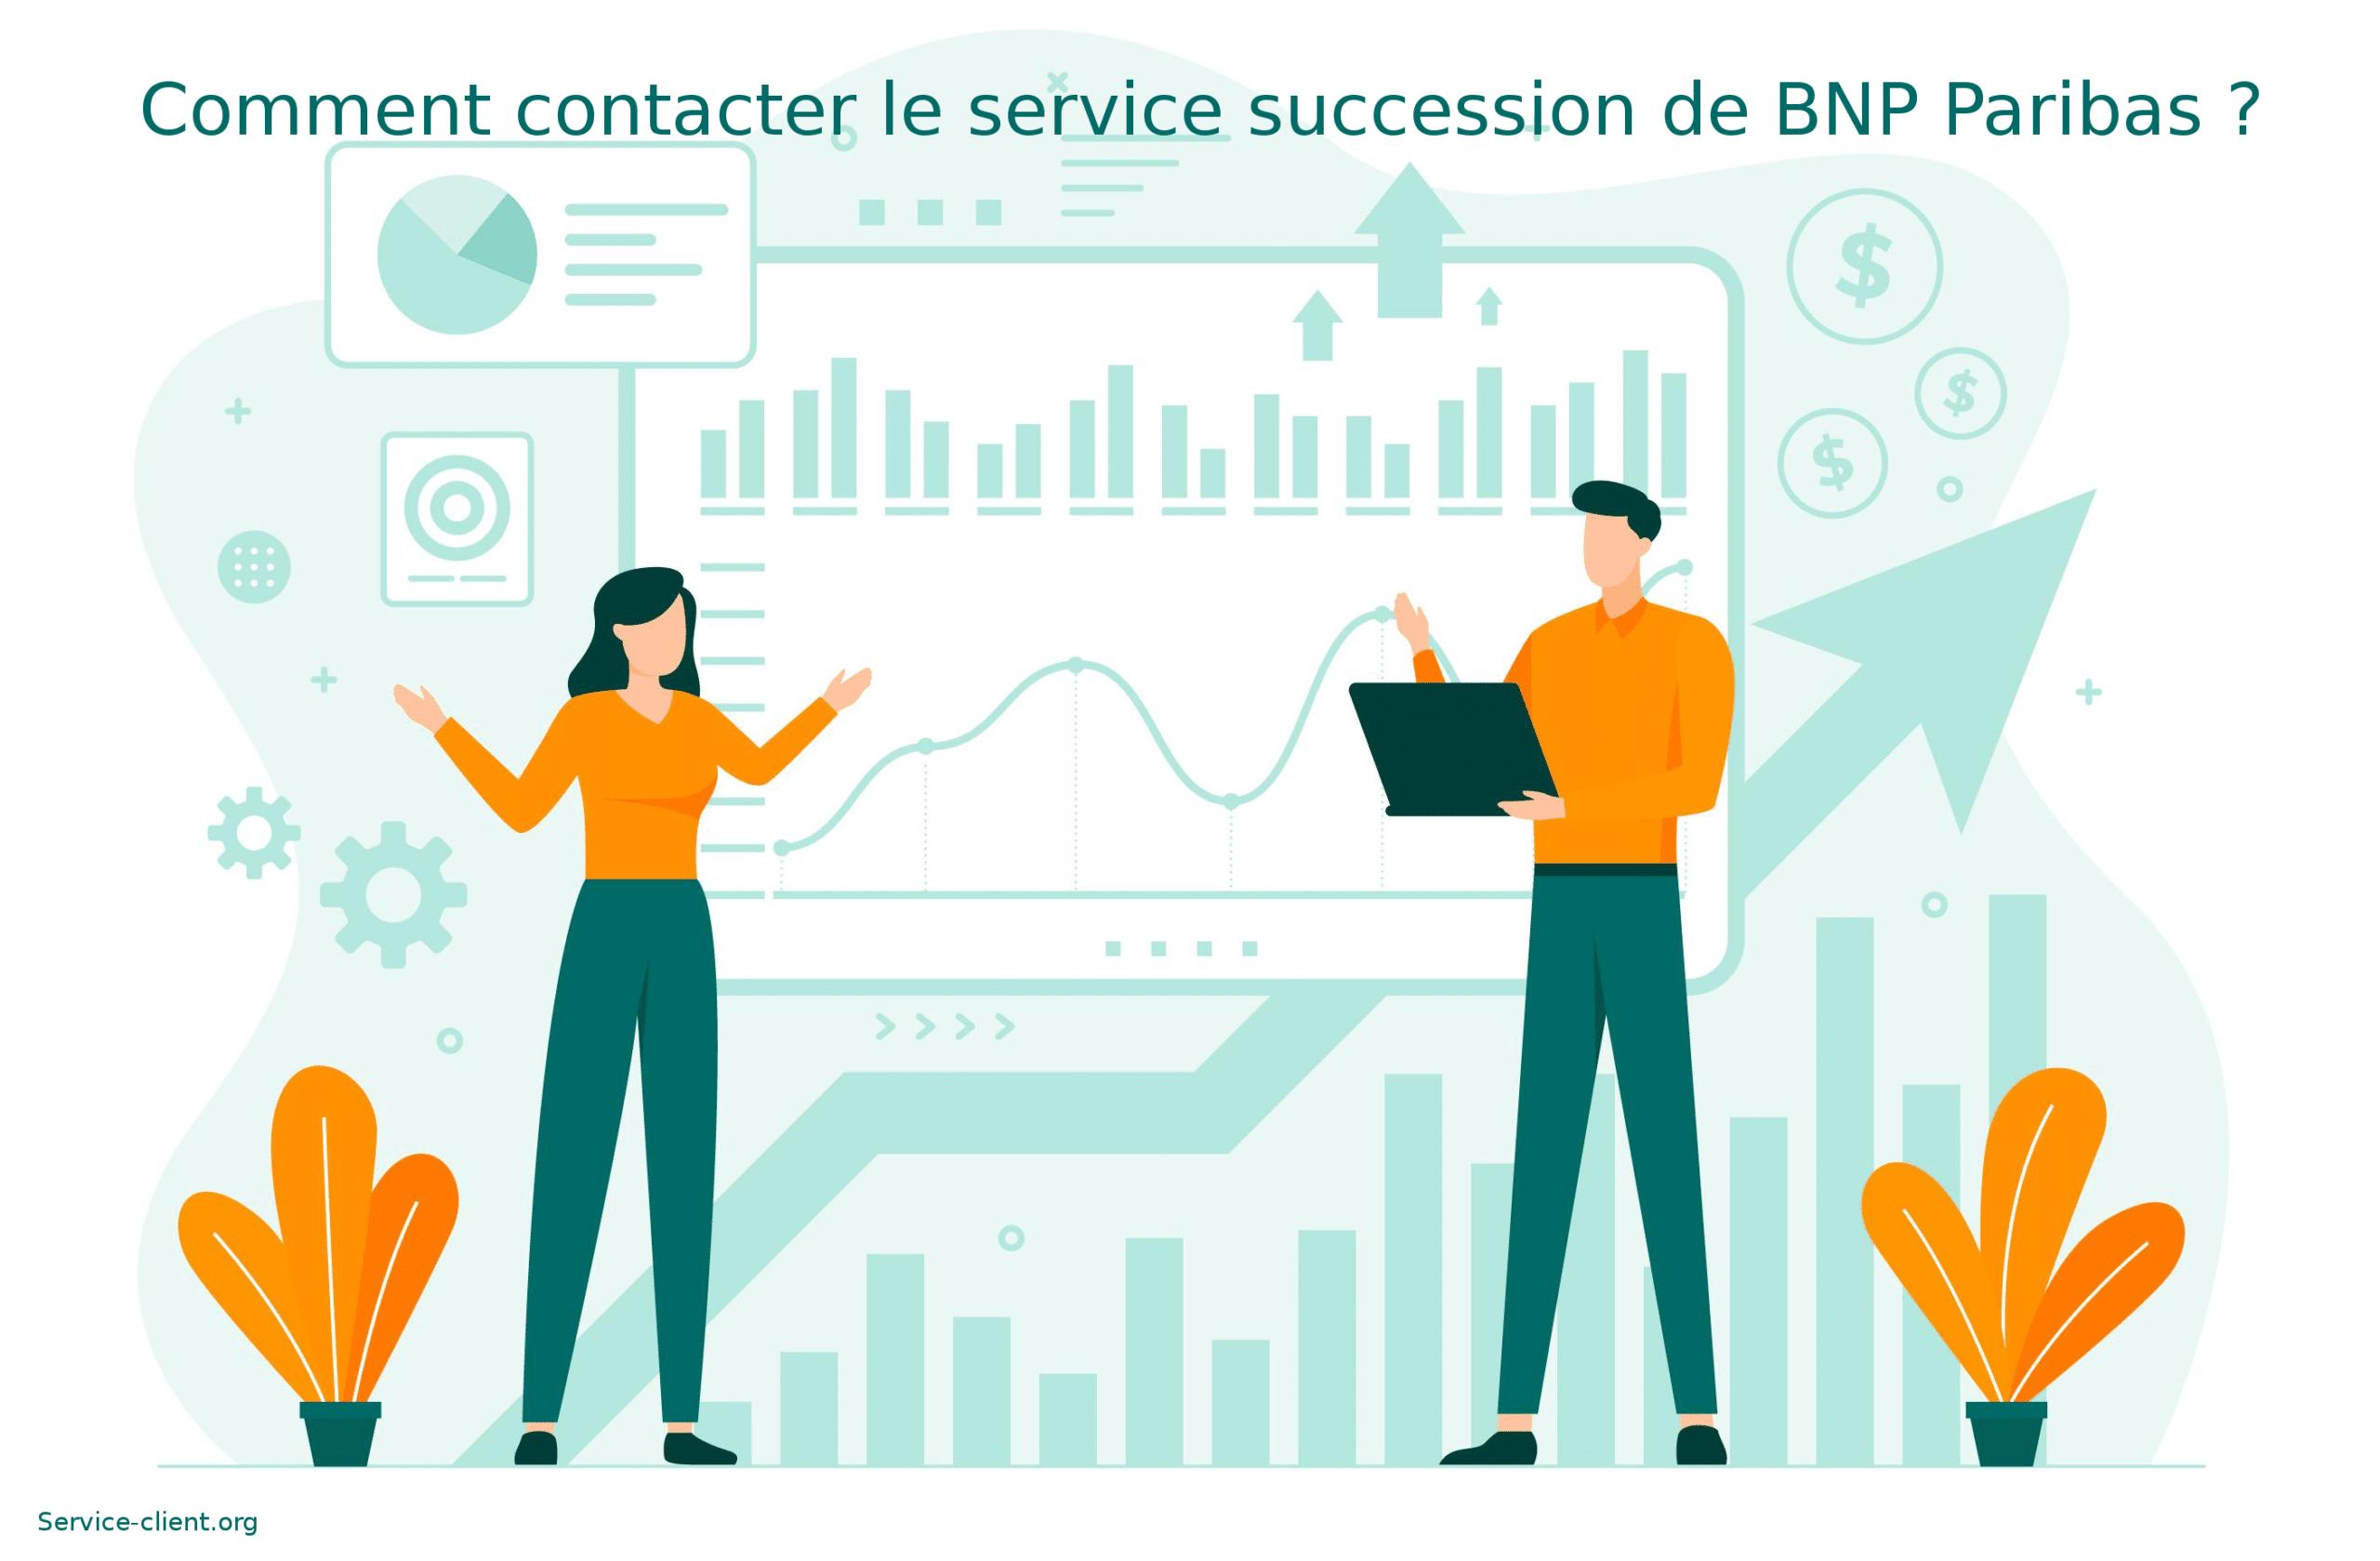 Comment contacter le service succession de BNP Paribas ?